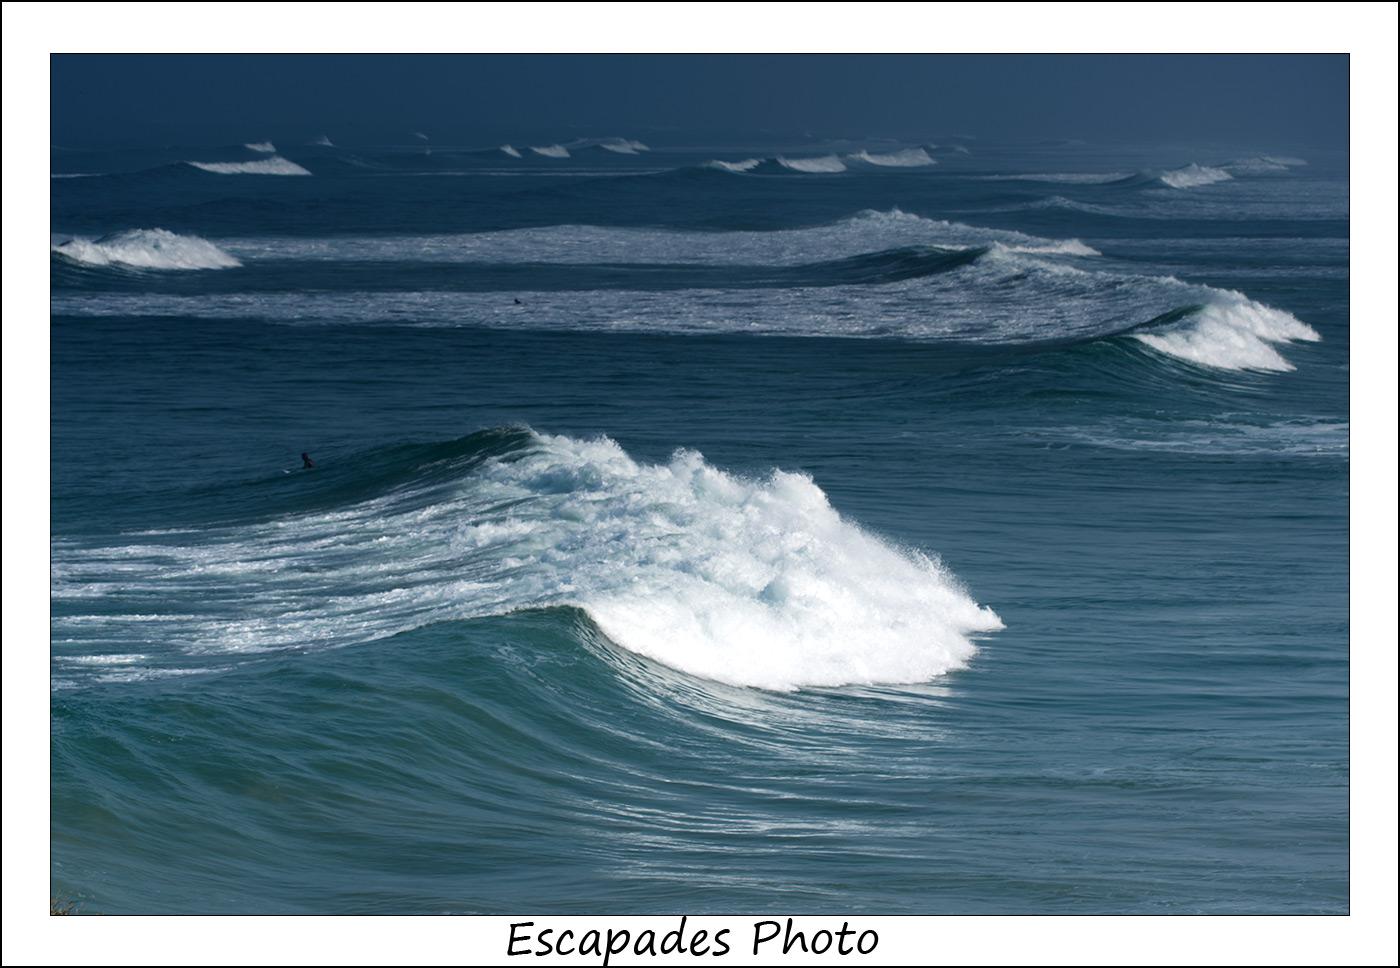 Pointe de la Torche, vagues sur le spot de surf